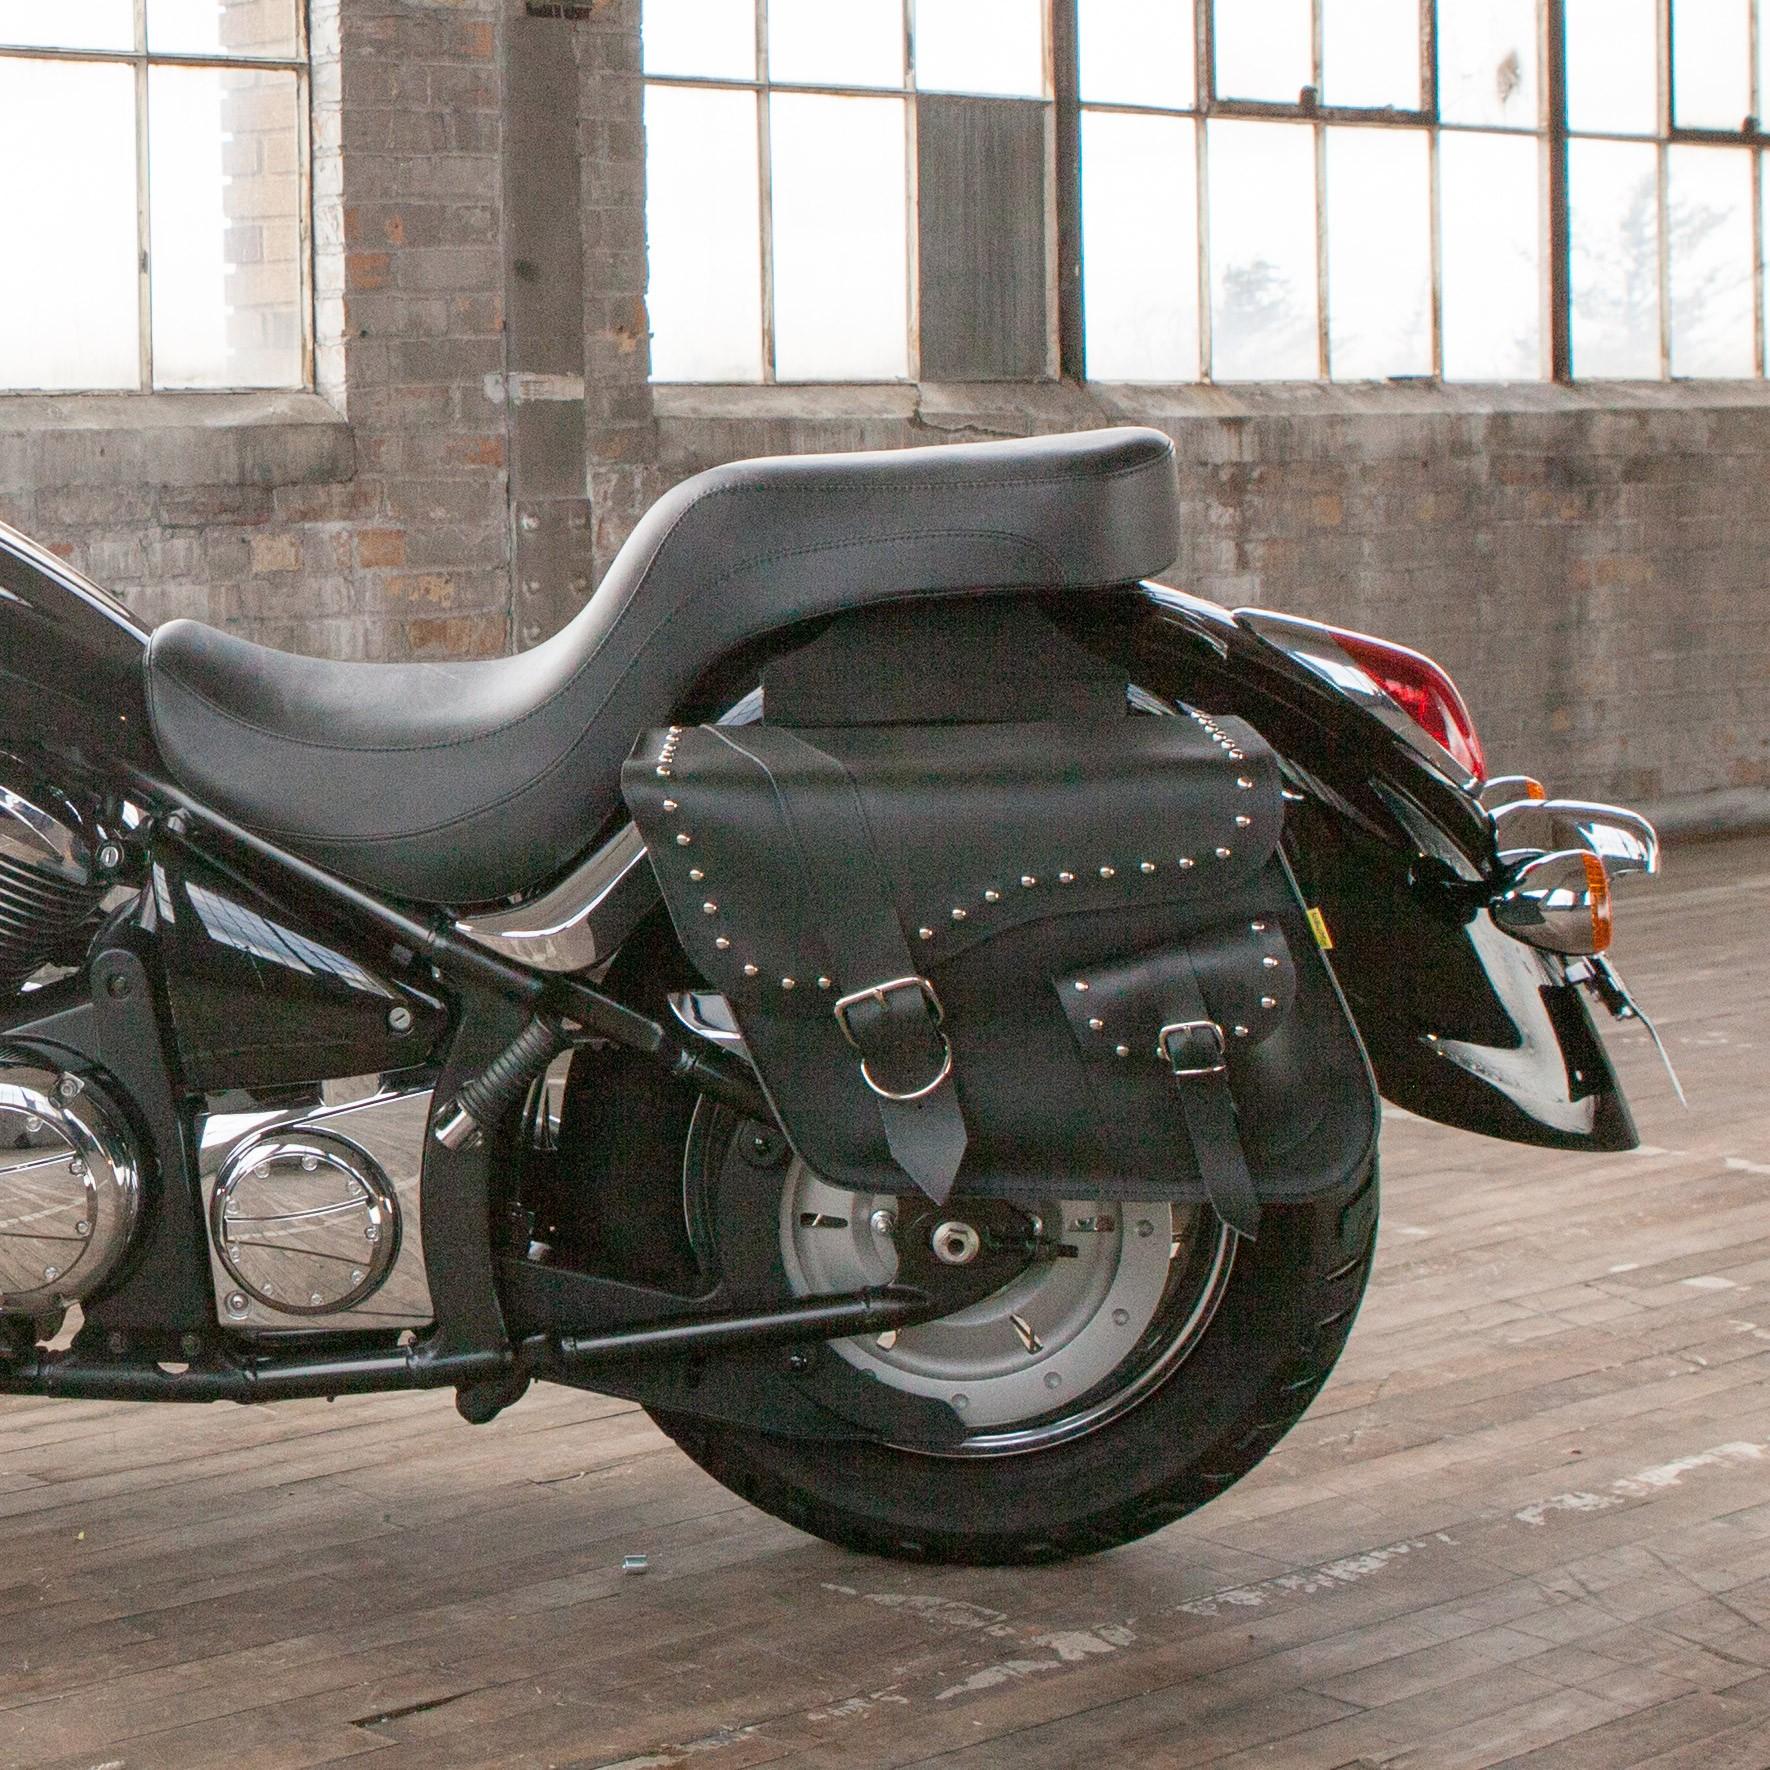 Willie and Max Ranger Large Slant Saddlebags on a Kawasaki Vulcan